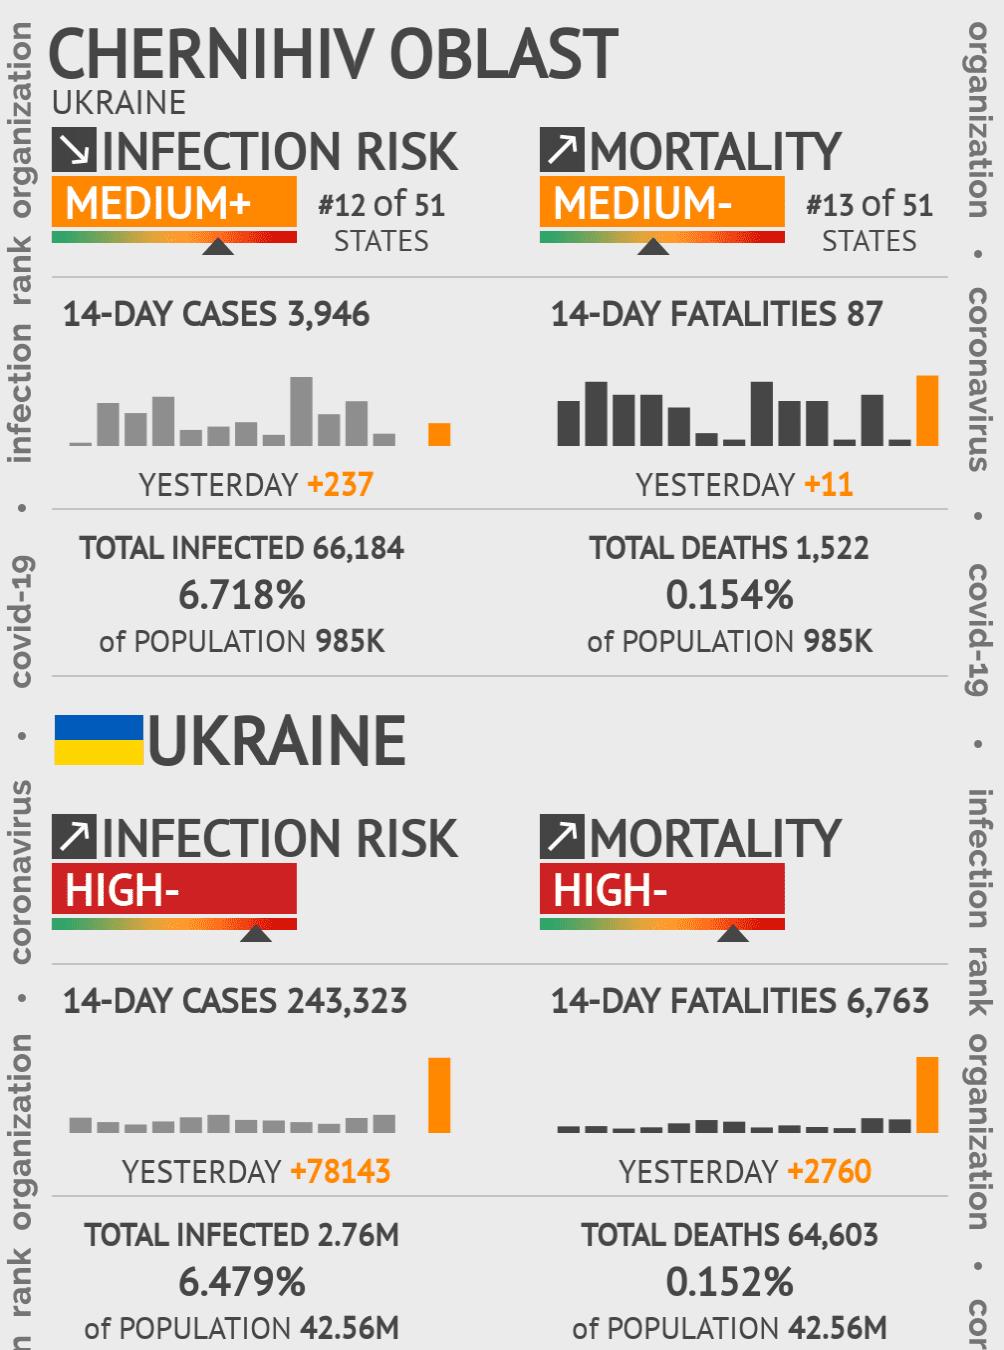 Chernihiv Coronavirus Covid-19 Risk of Infection on March 04, 2021